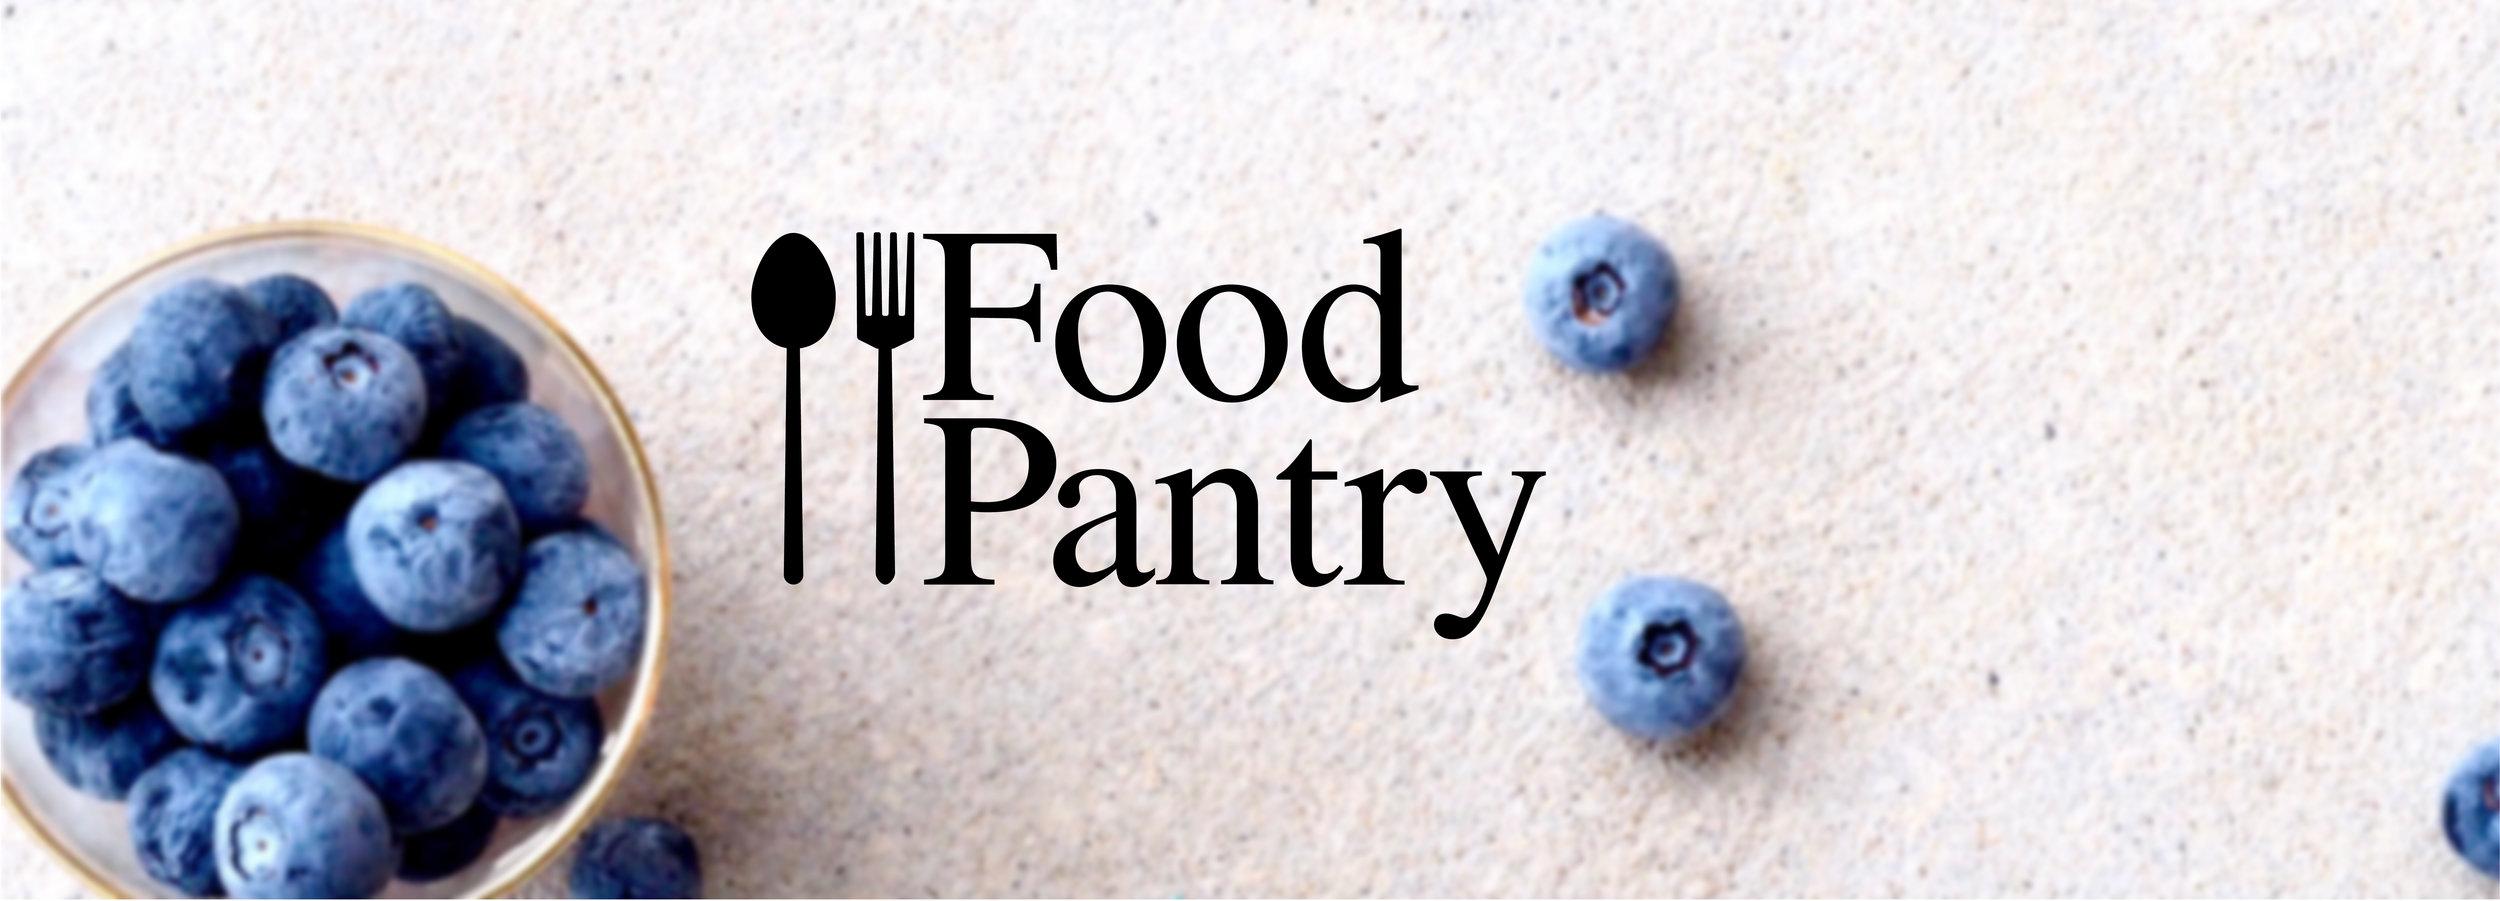 FoodPantry_App1920x692.jpg